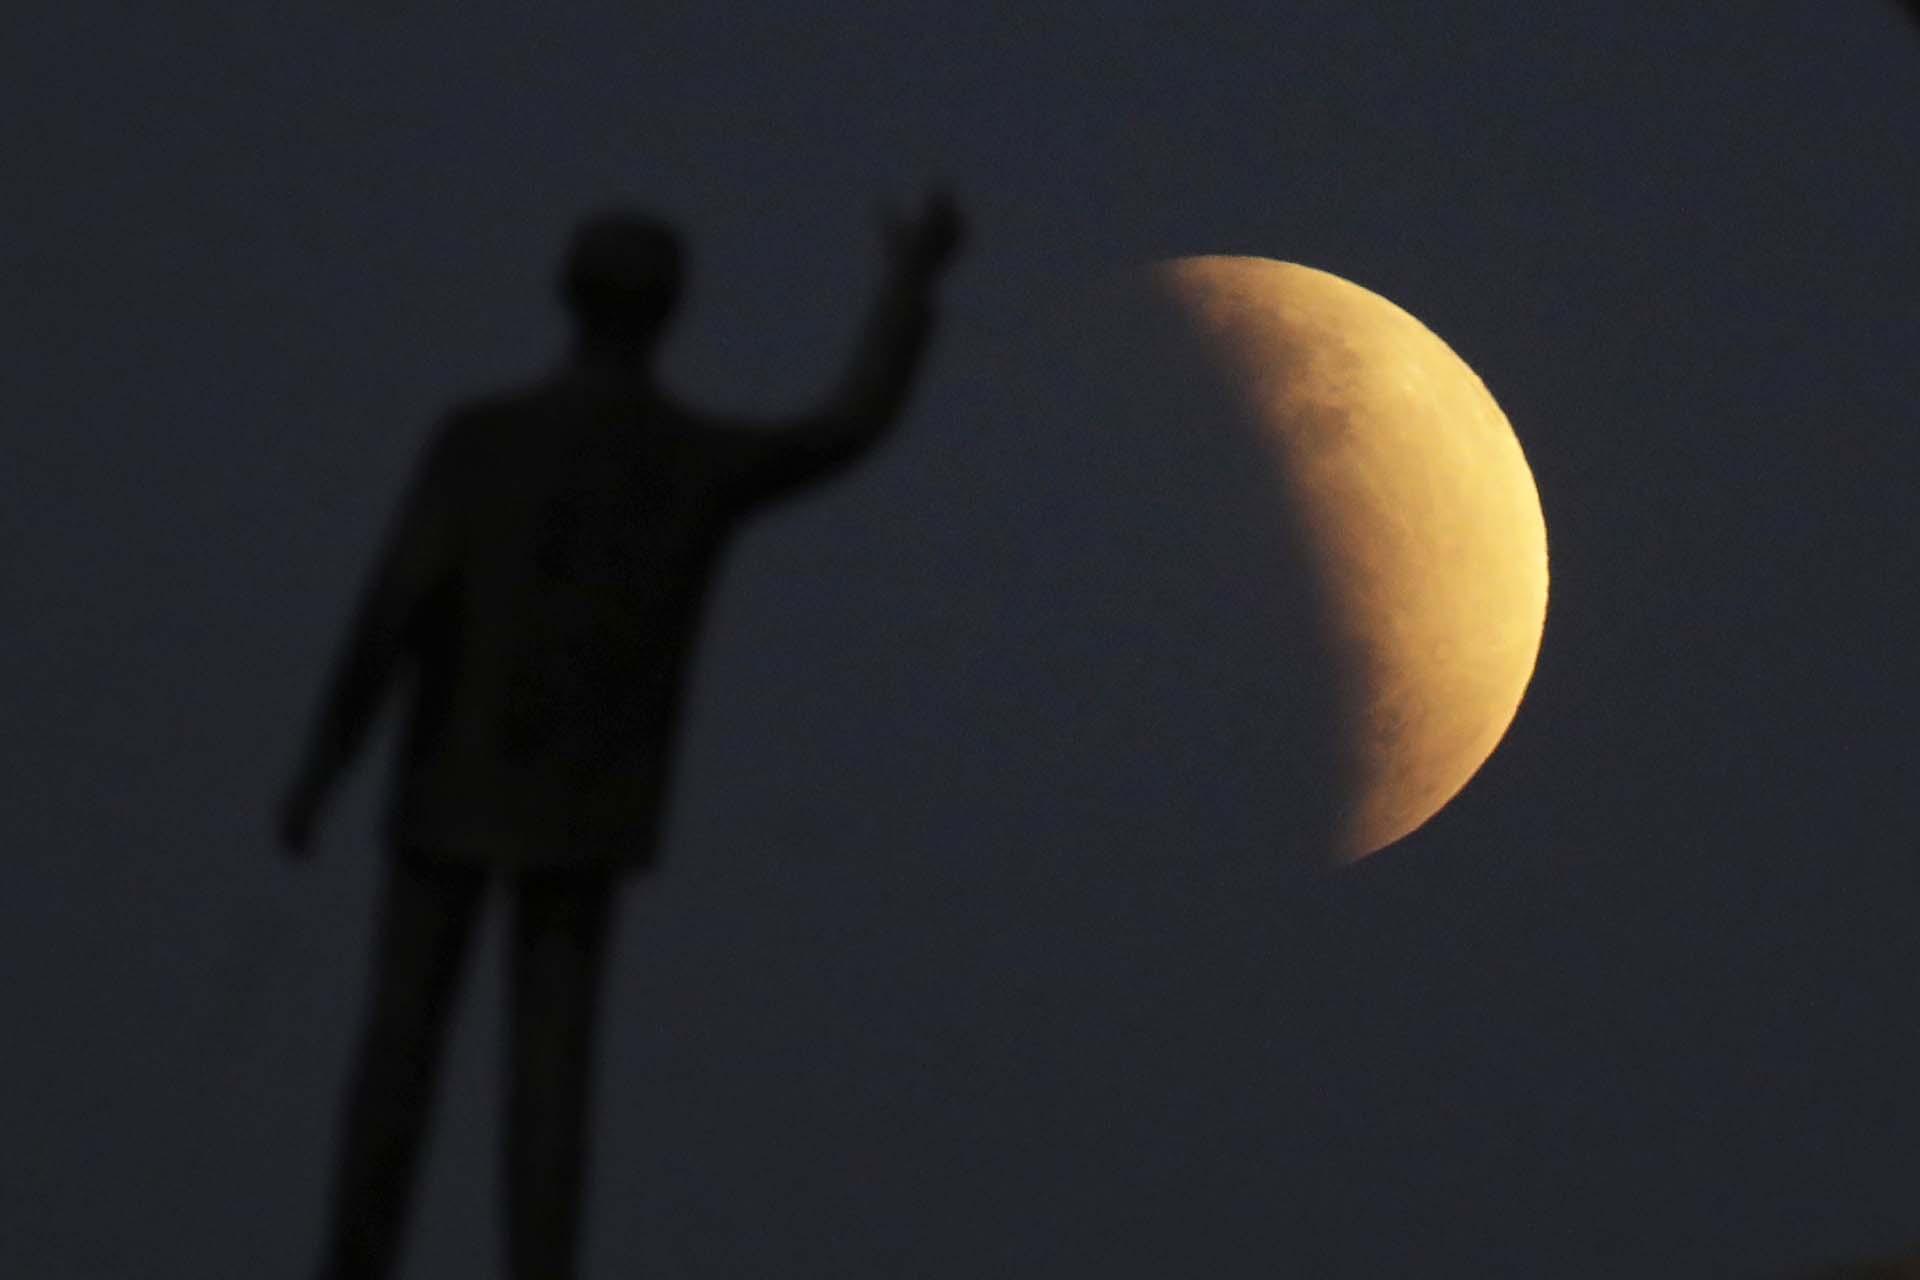 Una estatua del ex presidente brasileño Juscelino Kubitschekfrenteal eclipse lunar parcial enel cielo de Brasilia el martes 16 de julio de 2019. El fenómeno visto en todo Brasil llegó el mismo día que el 50º aniversario de los alunizajes (AP Photo/Eraldo Peres)